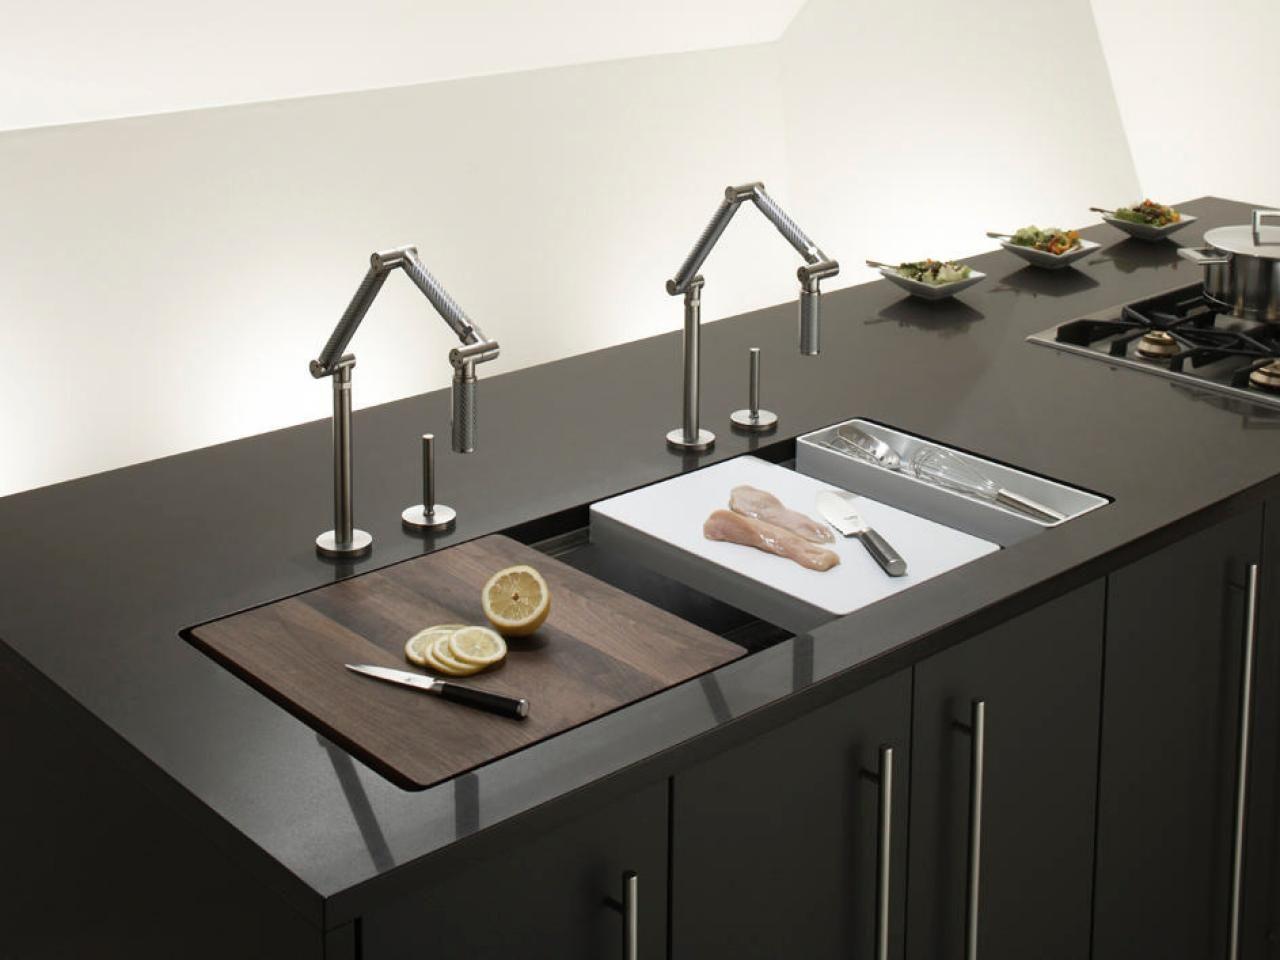 yli tuhat ideaa sink for kitchen pinterestiss keittikaapit ja keittiideat - Sink In Kitchen